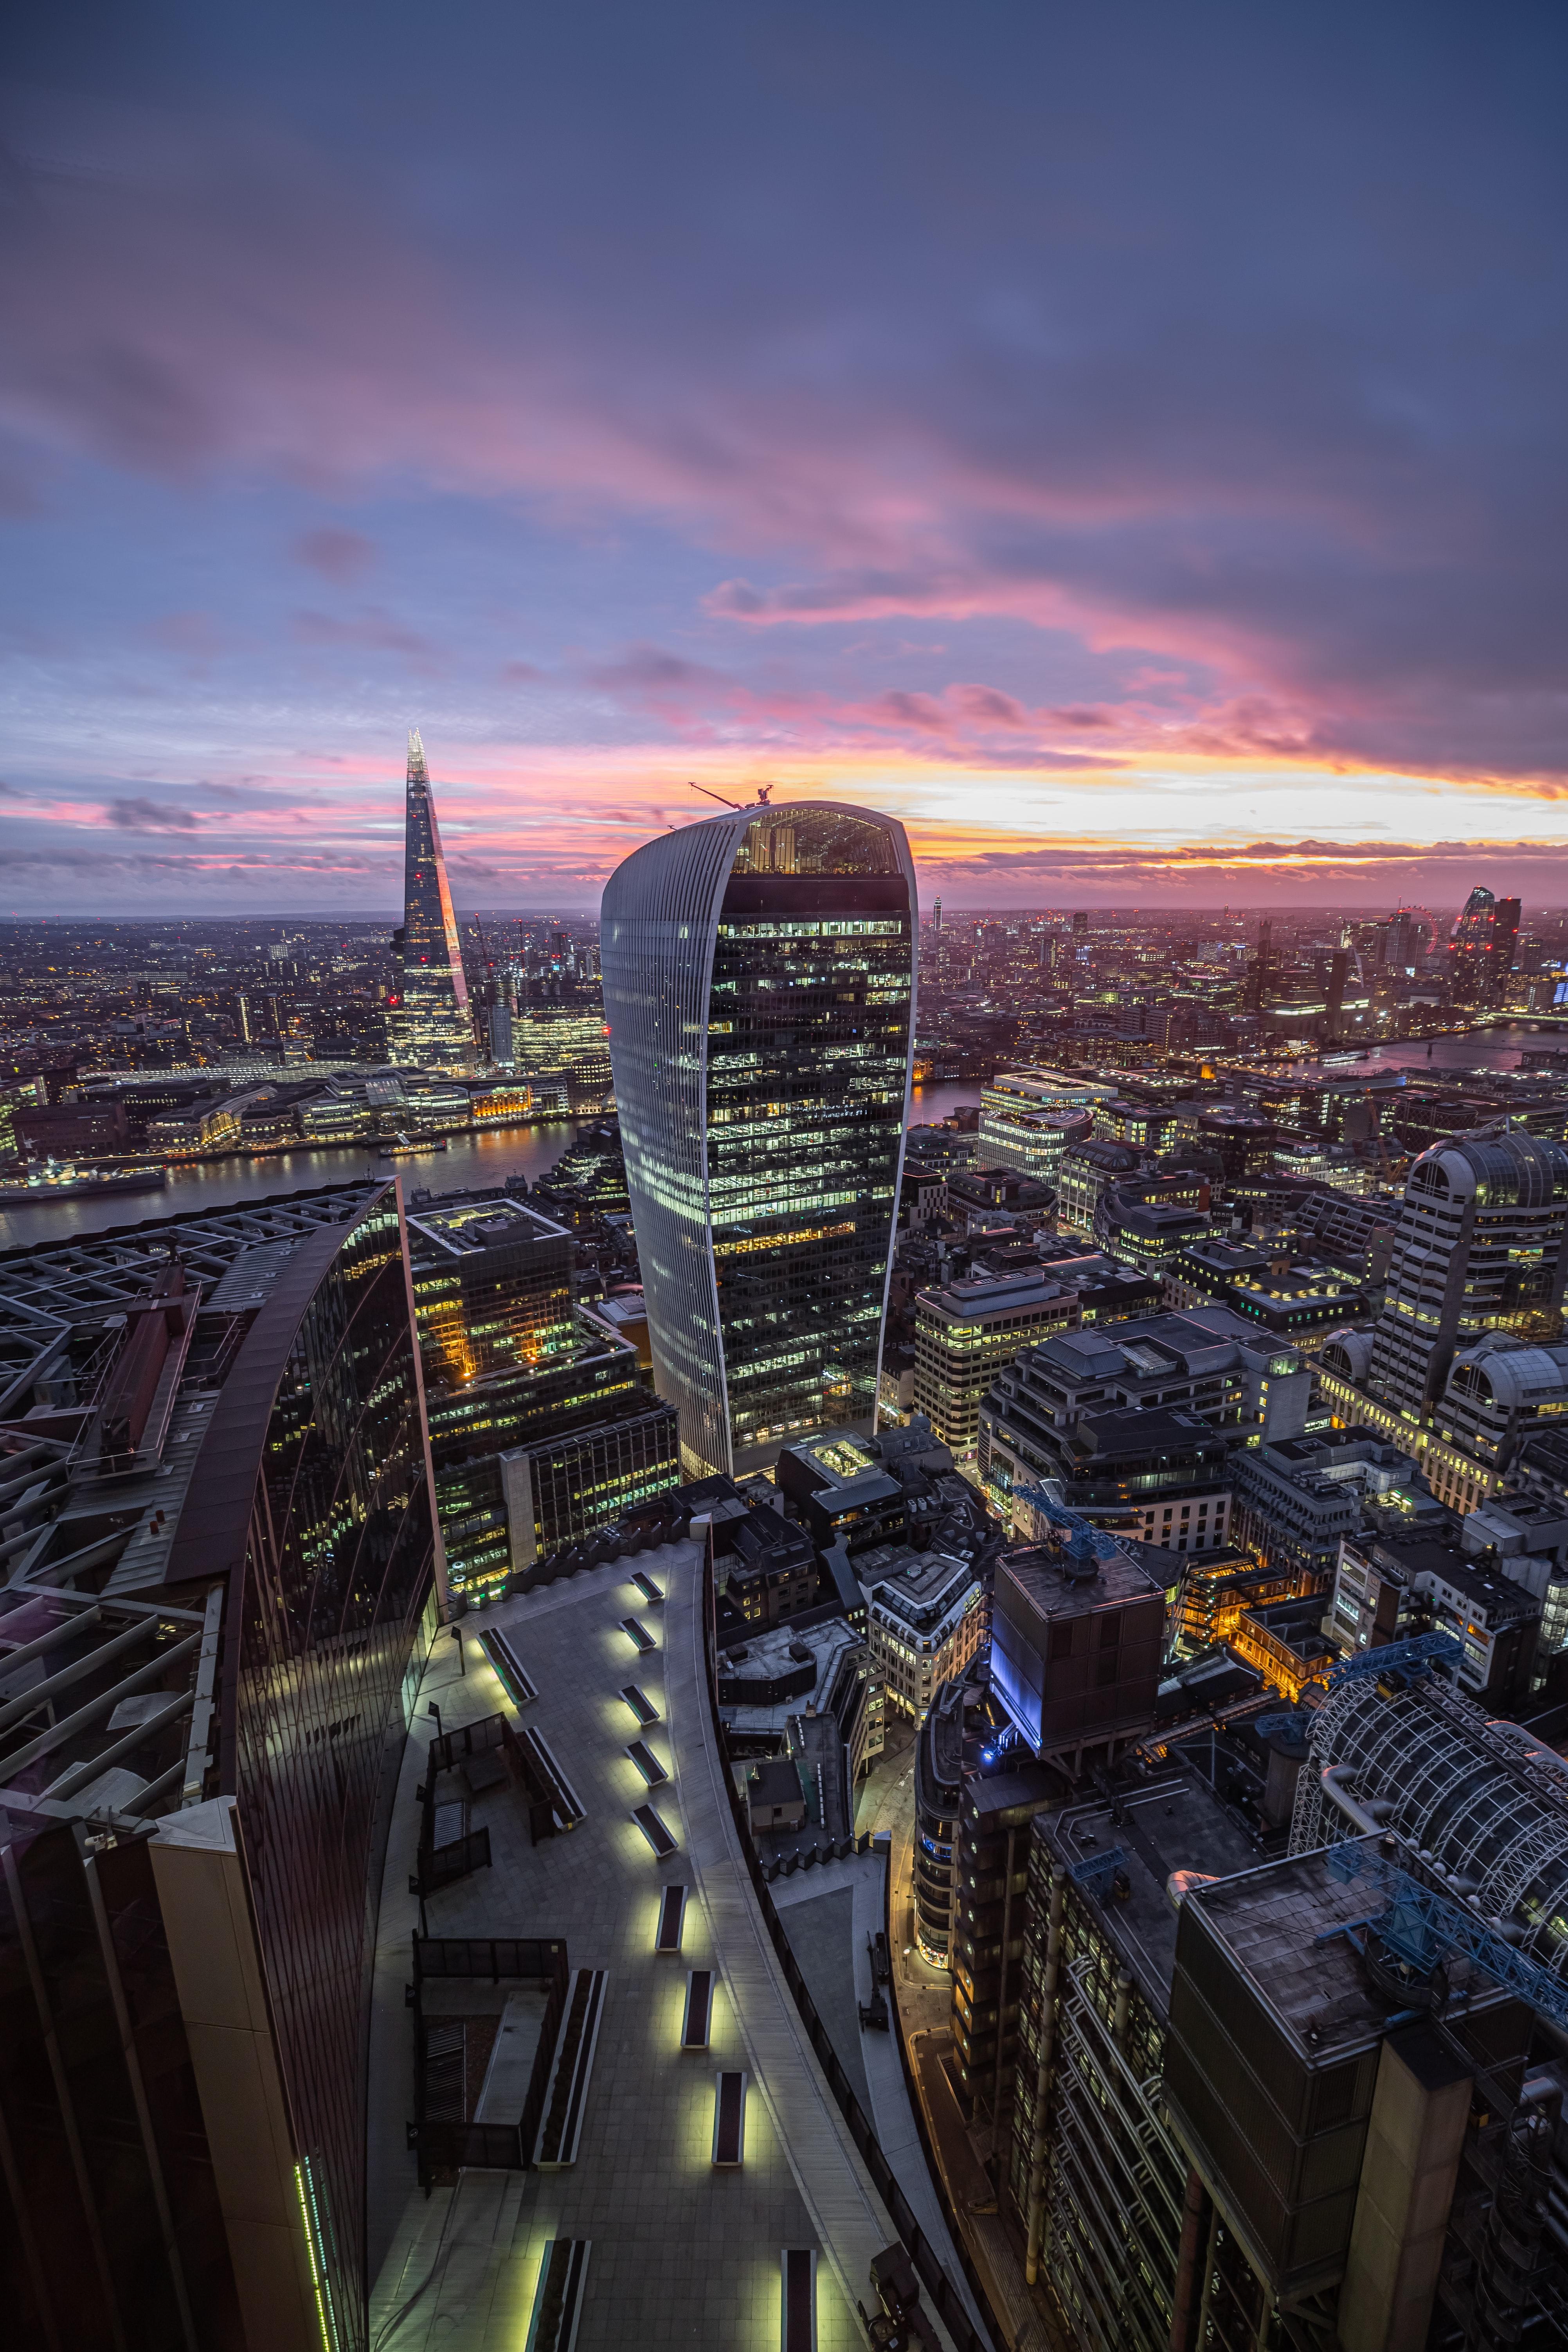 89808 Hintergrundbild herunterladen Architektur, Städte, London, Stadt, Wolkenkratzer, Gebäude - Bildschirmschoner und Bilder kostenlos